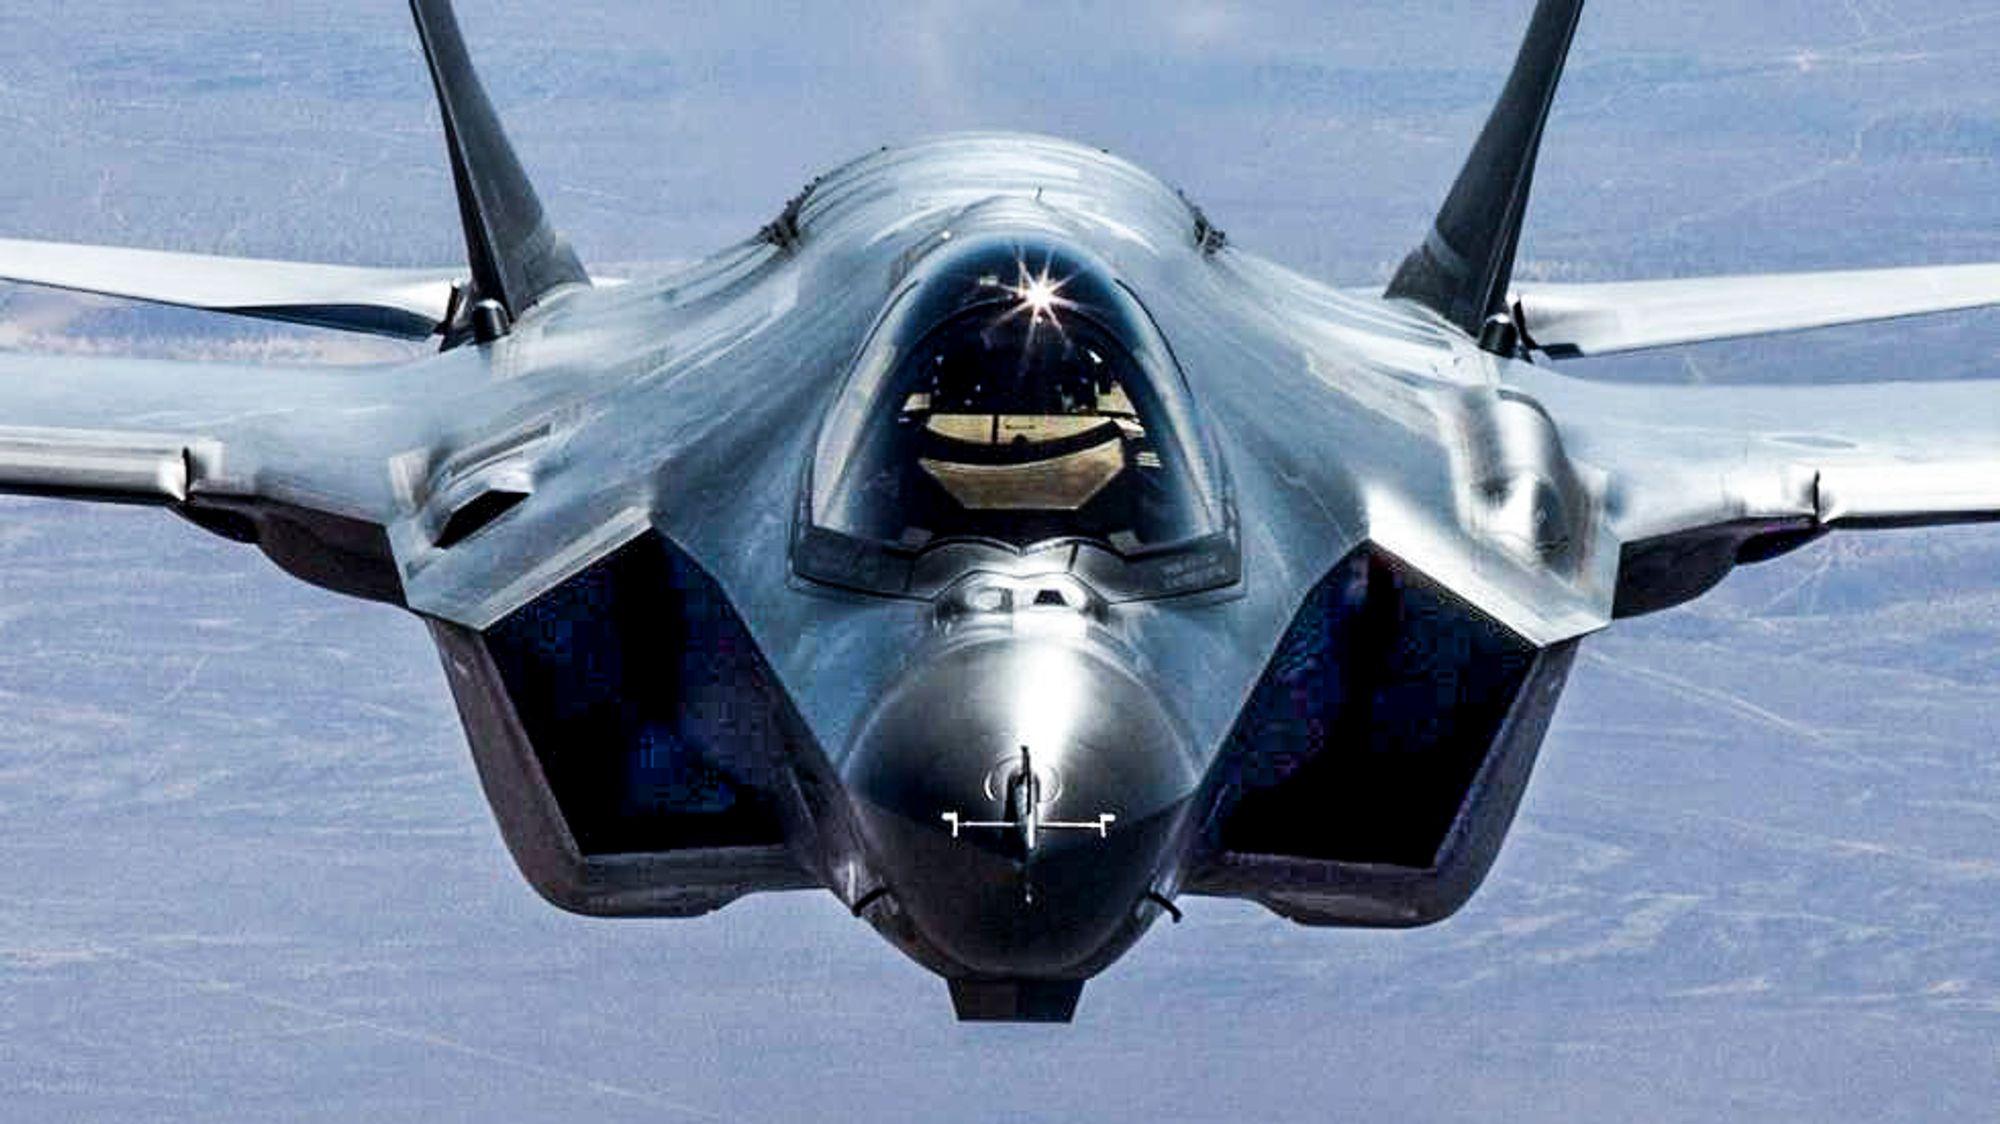 Forsvaret har i dag ni kampfly av typen F-35 og vil i løpet av de kommende årene ha 52 totalt. Flyene har en gjennomsnittspris på 1,4 milliarder kroner.